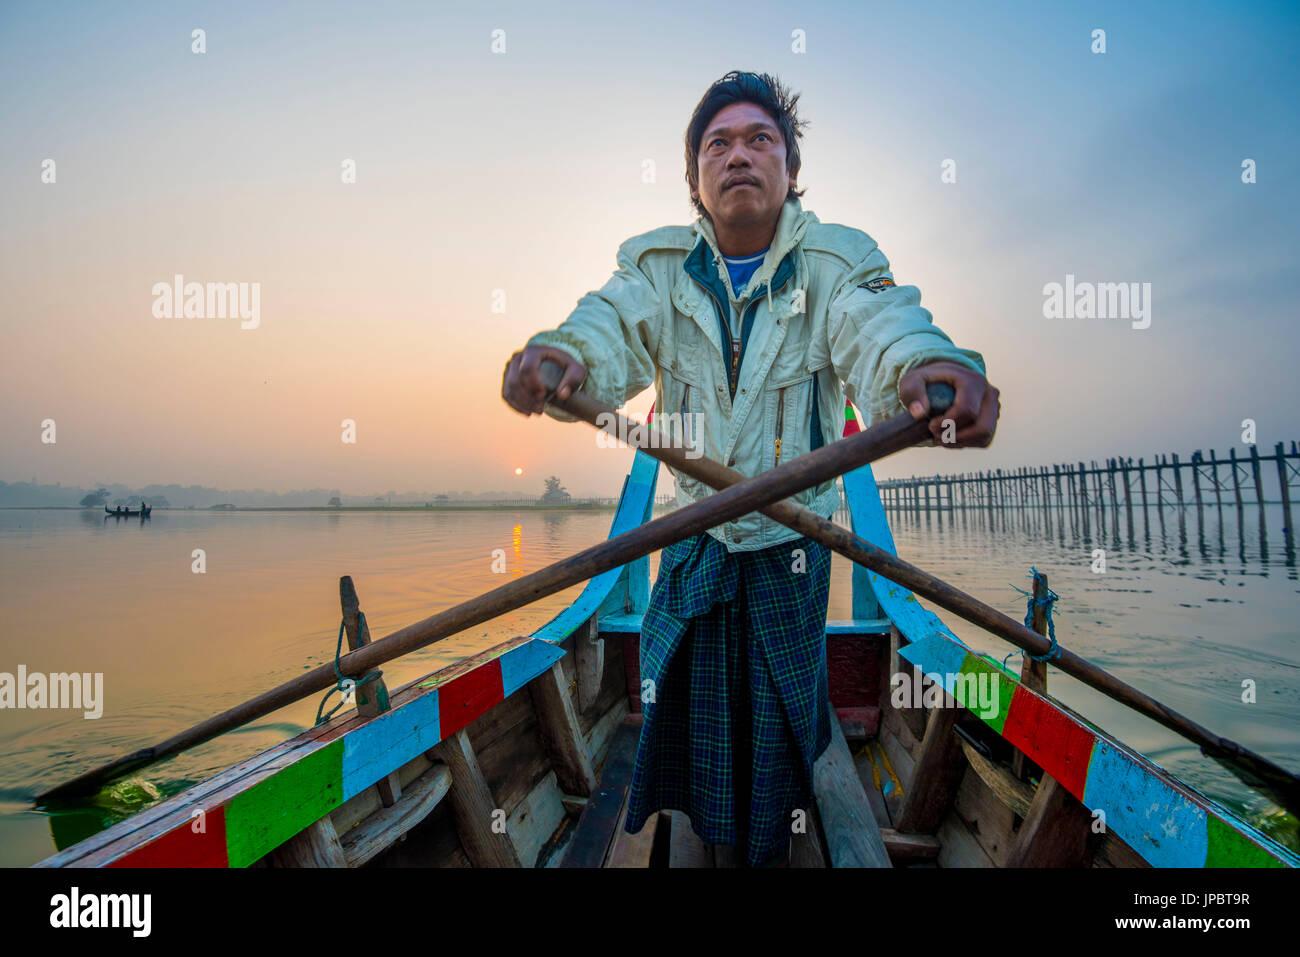 Amarapura, région de Mandalay, Myanmar. L'homme de l'aviron sur son bateau coloré sur le lac Taungthaman au lever du soleil, avec l'U Bein bridge en arrière-plan. Photo Stock